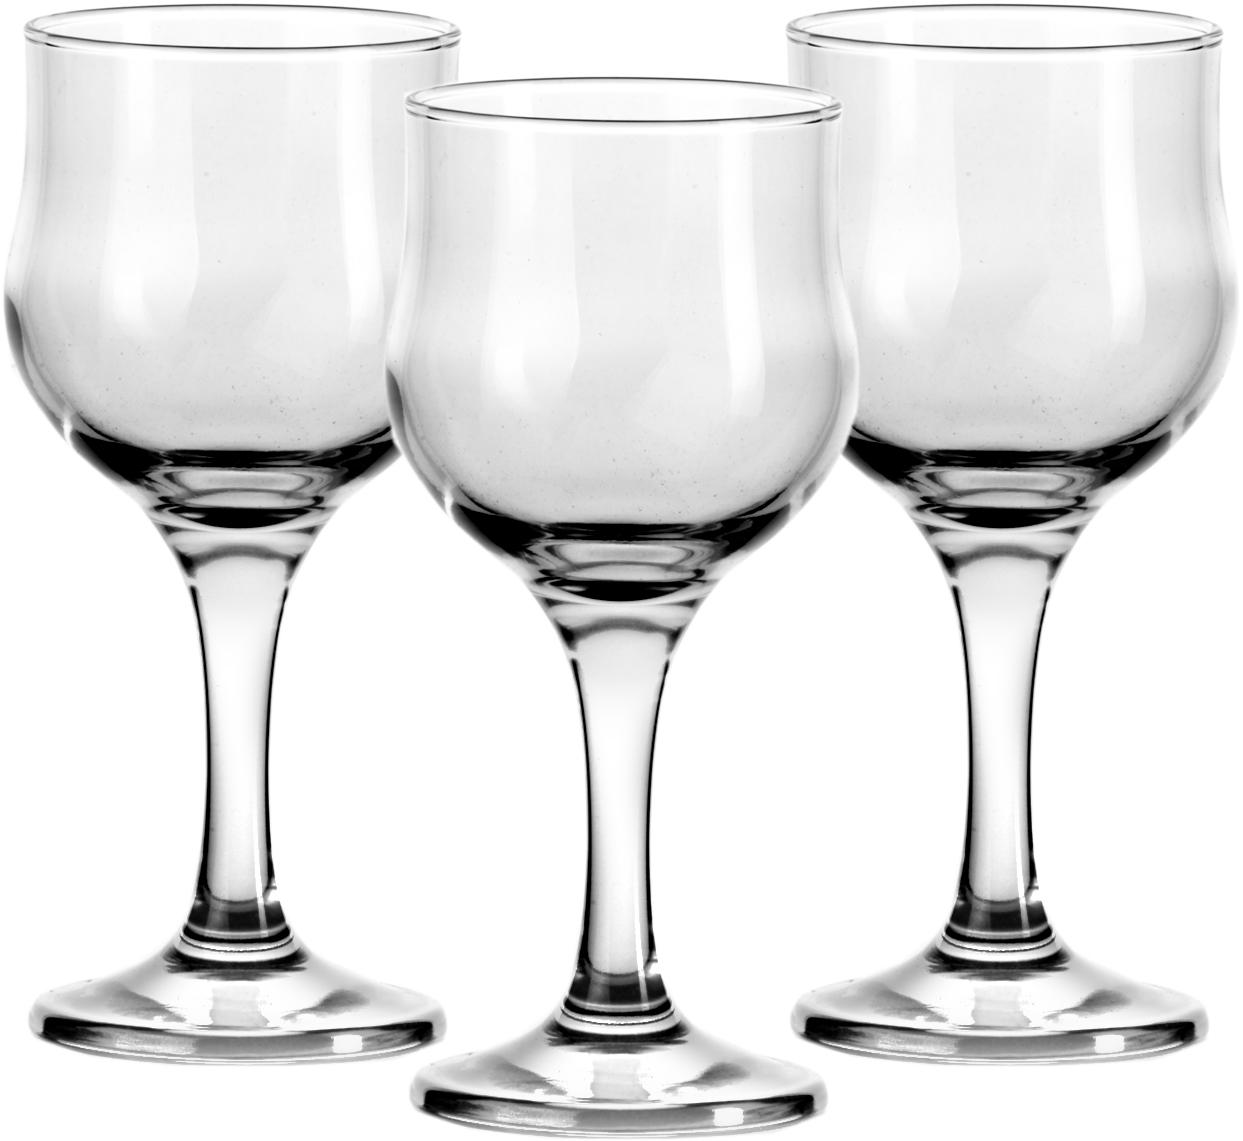 Набор бокалов Pasabahce Tulipe, 315 мл, 3 шт44162B/Набор Tulipe состоит из трех бокалов, выполненных из прочного натрий-кальций-силикатного стекла. Изделия оснащены ножками. Бокалы сочетают в себе элегантный дизайн и функциональность. Благодаря такому набору пить напитки будет еще вкуснее.Набор бокалов Tulipe прекрасно оформит праздничный стол и создаст приятную атмосферу за ужином. Такой набор также станет хорошим подарком ! Состав набора: 3 бокала. Объем: 315 мл.